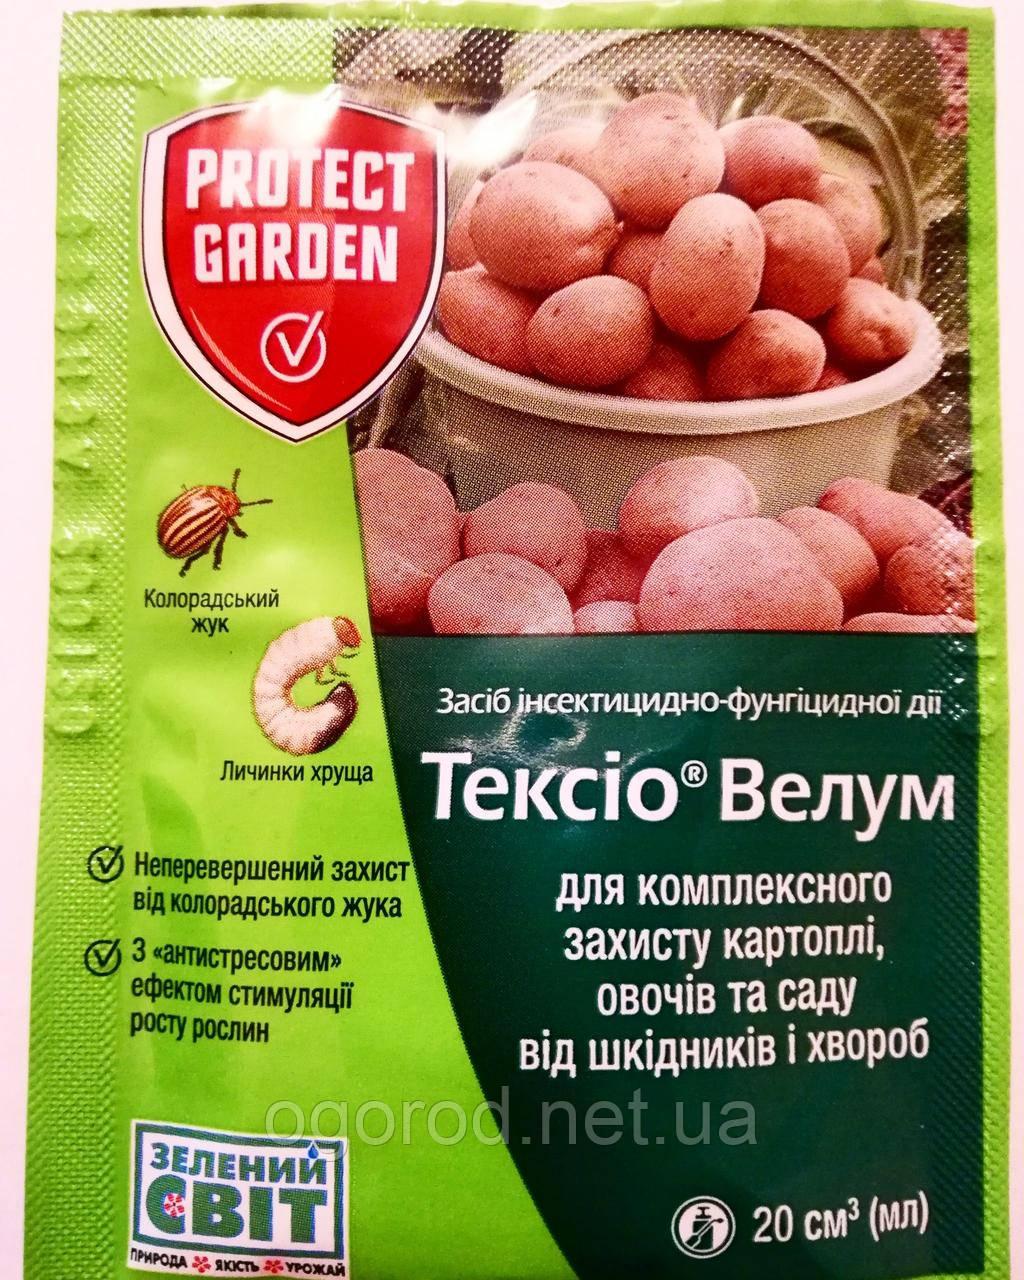 Престиж(Тексио Велум) SBM-Bayer оригинал 20 мл